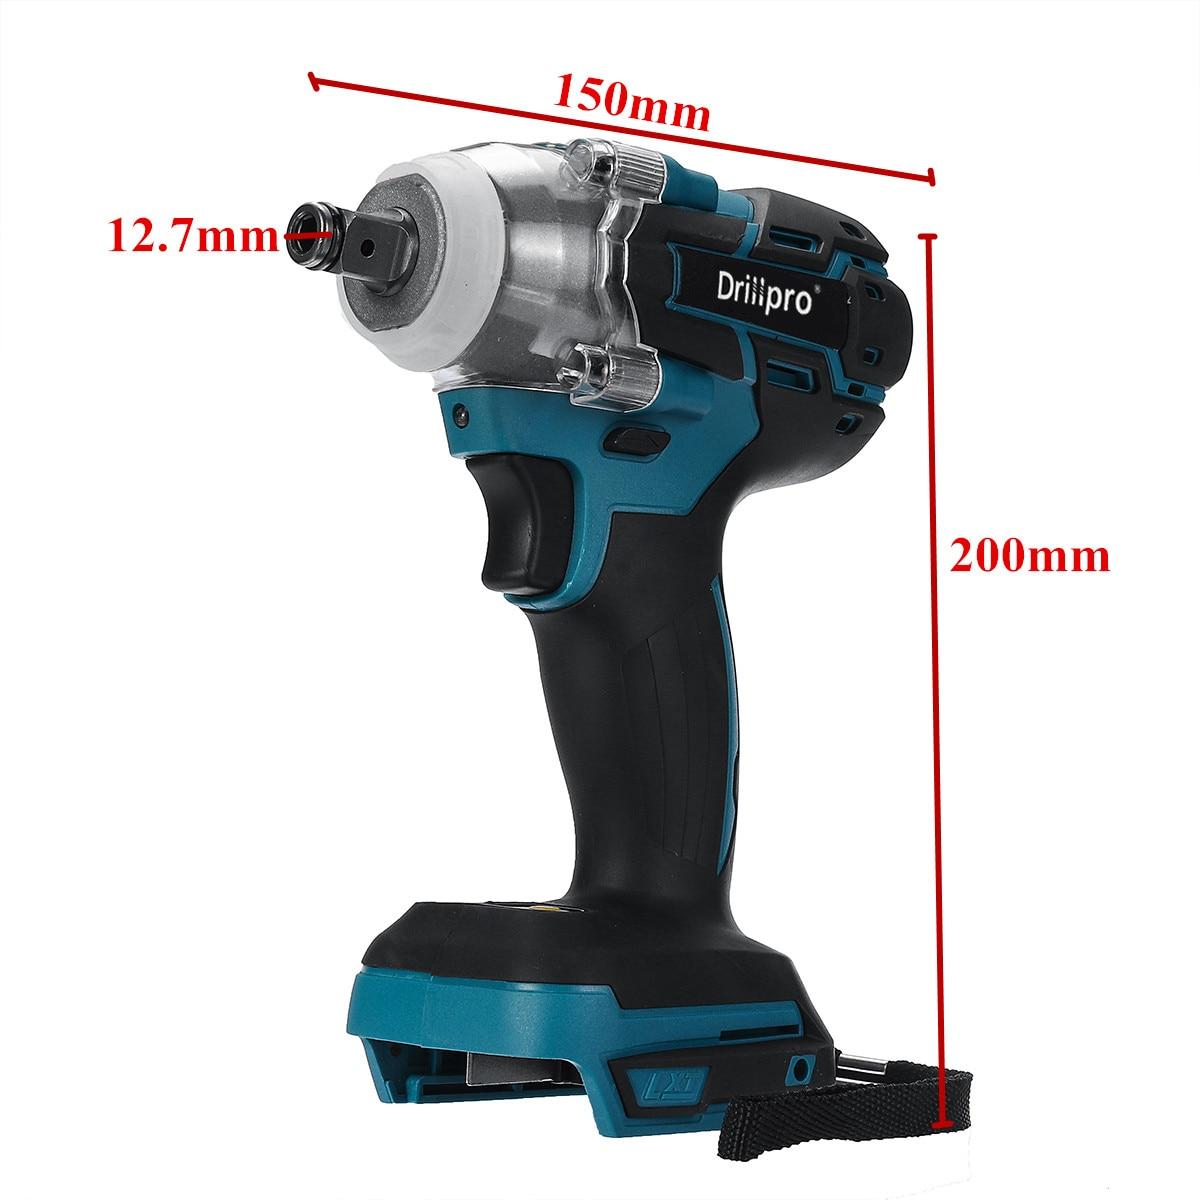 Drillpro бесщеточный Электрический Аккумуляторный ударный гайковерт Перезаряжаемые 1/2 дюймов ключ, дюймовый стандарт Мощность инструменты совместимый для Makita 18V Батарея